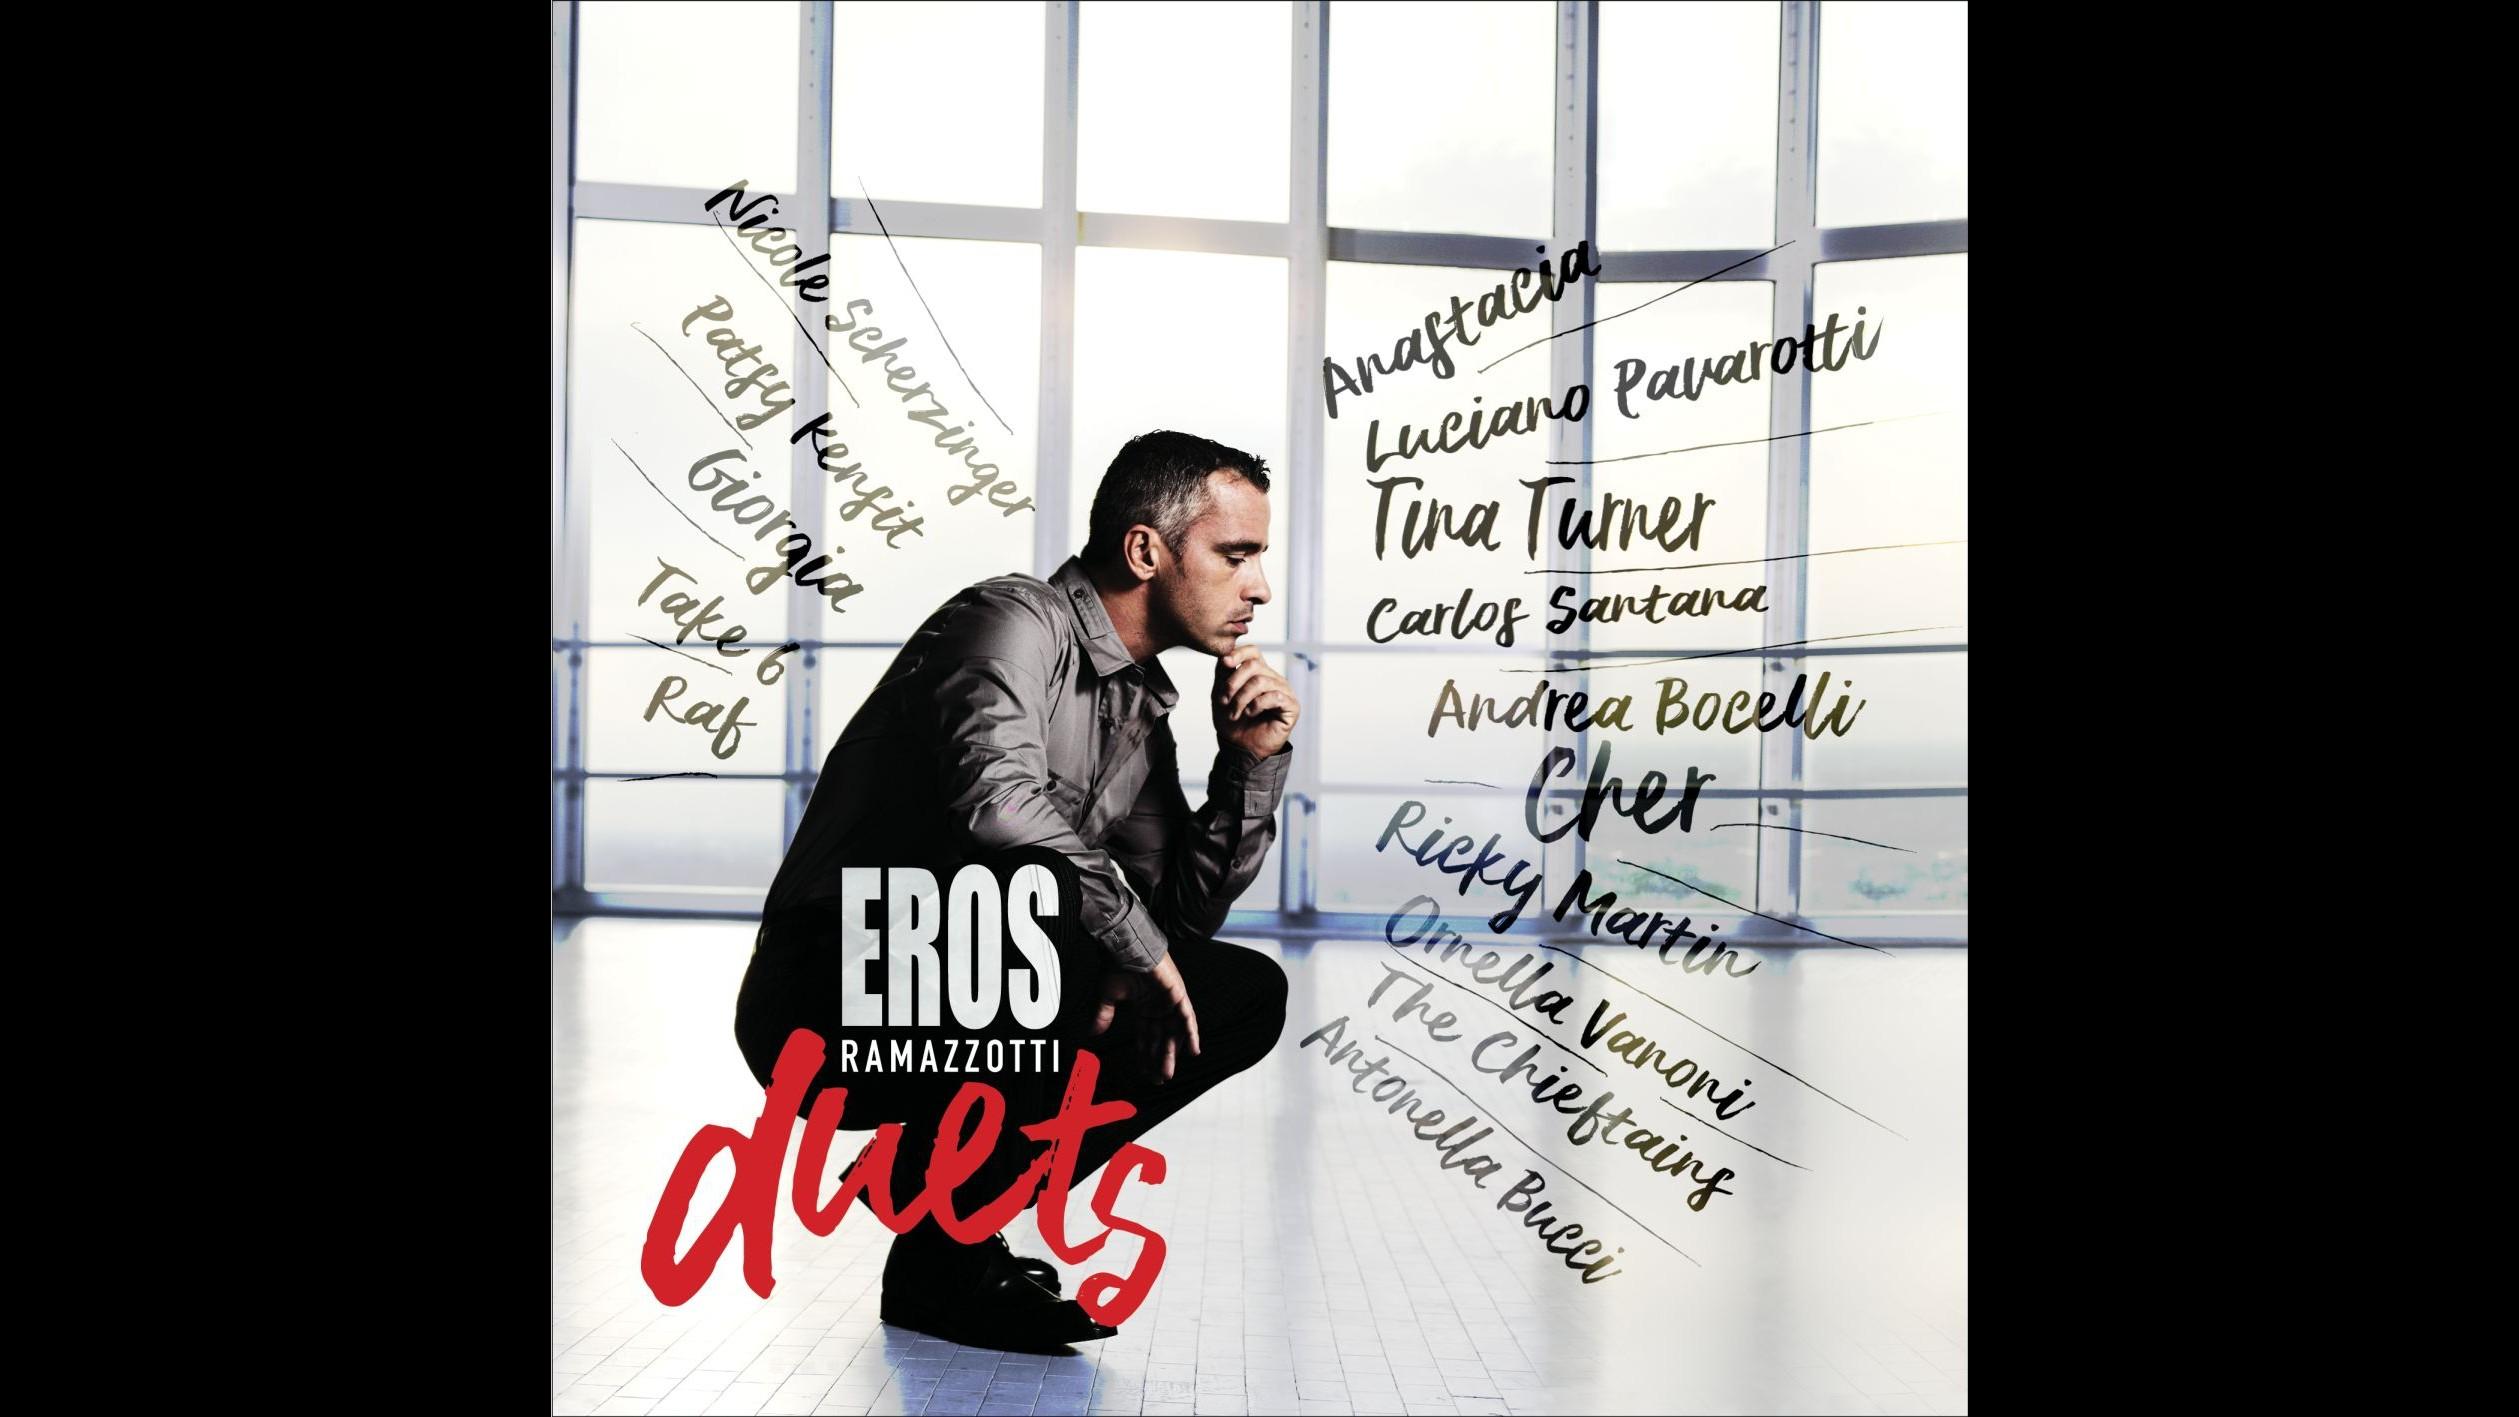 Il ritorno di Ramazzotti: il 17 novembre esce 'Eros duets'